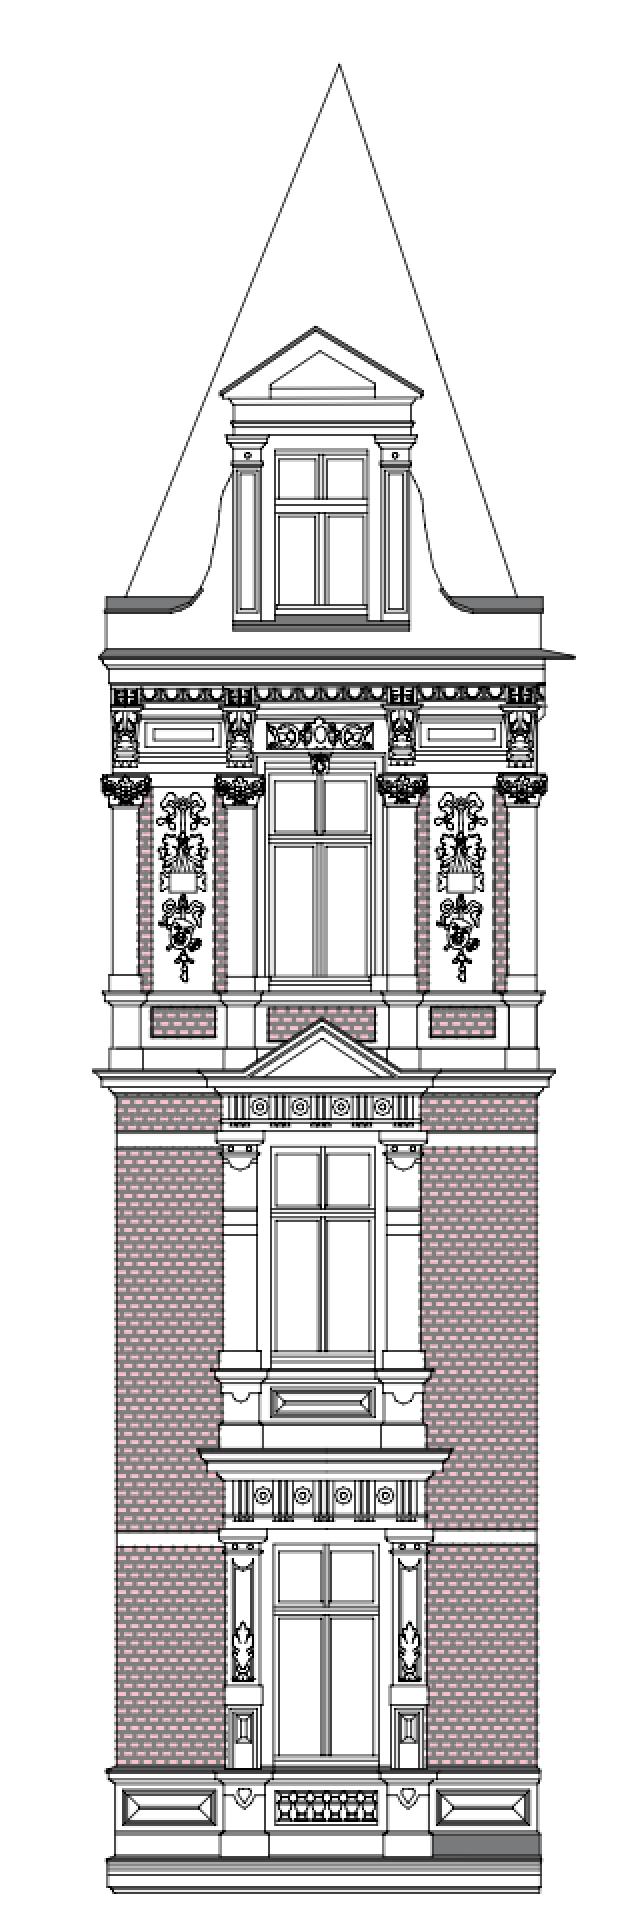 Landratsamt Görlitz - Fassadenausschnitt Gebäude G1